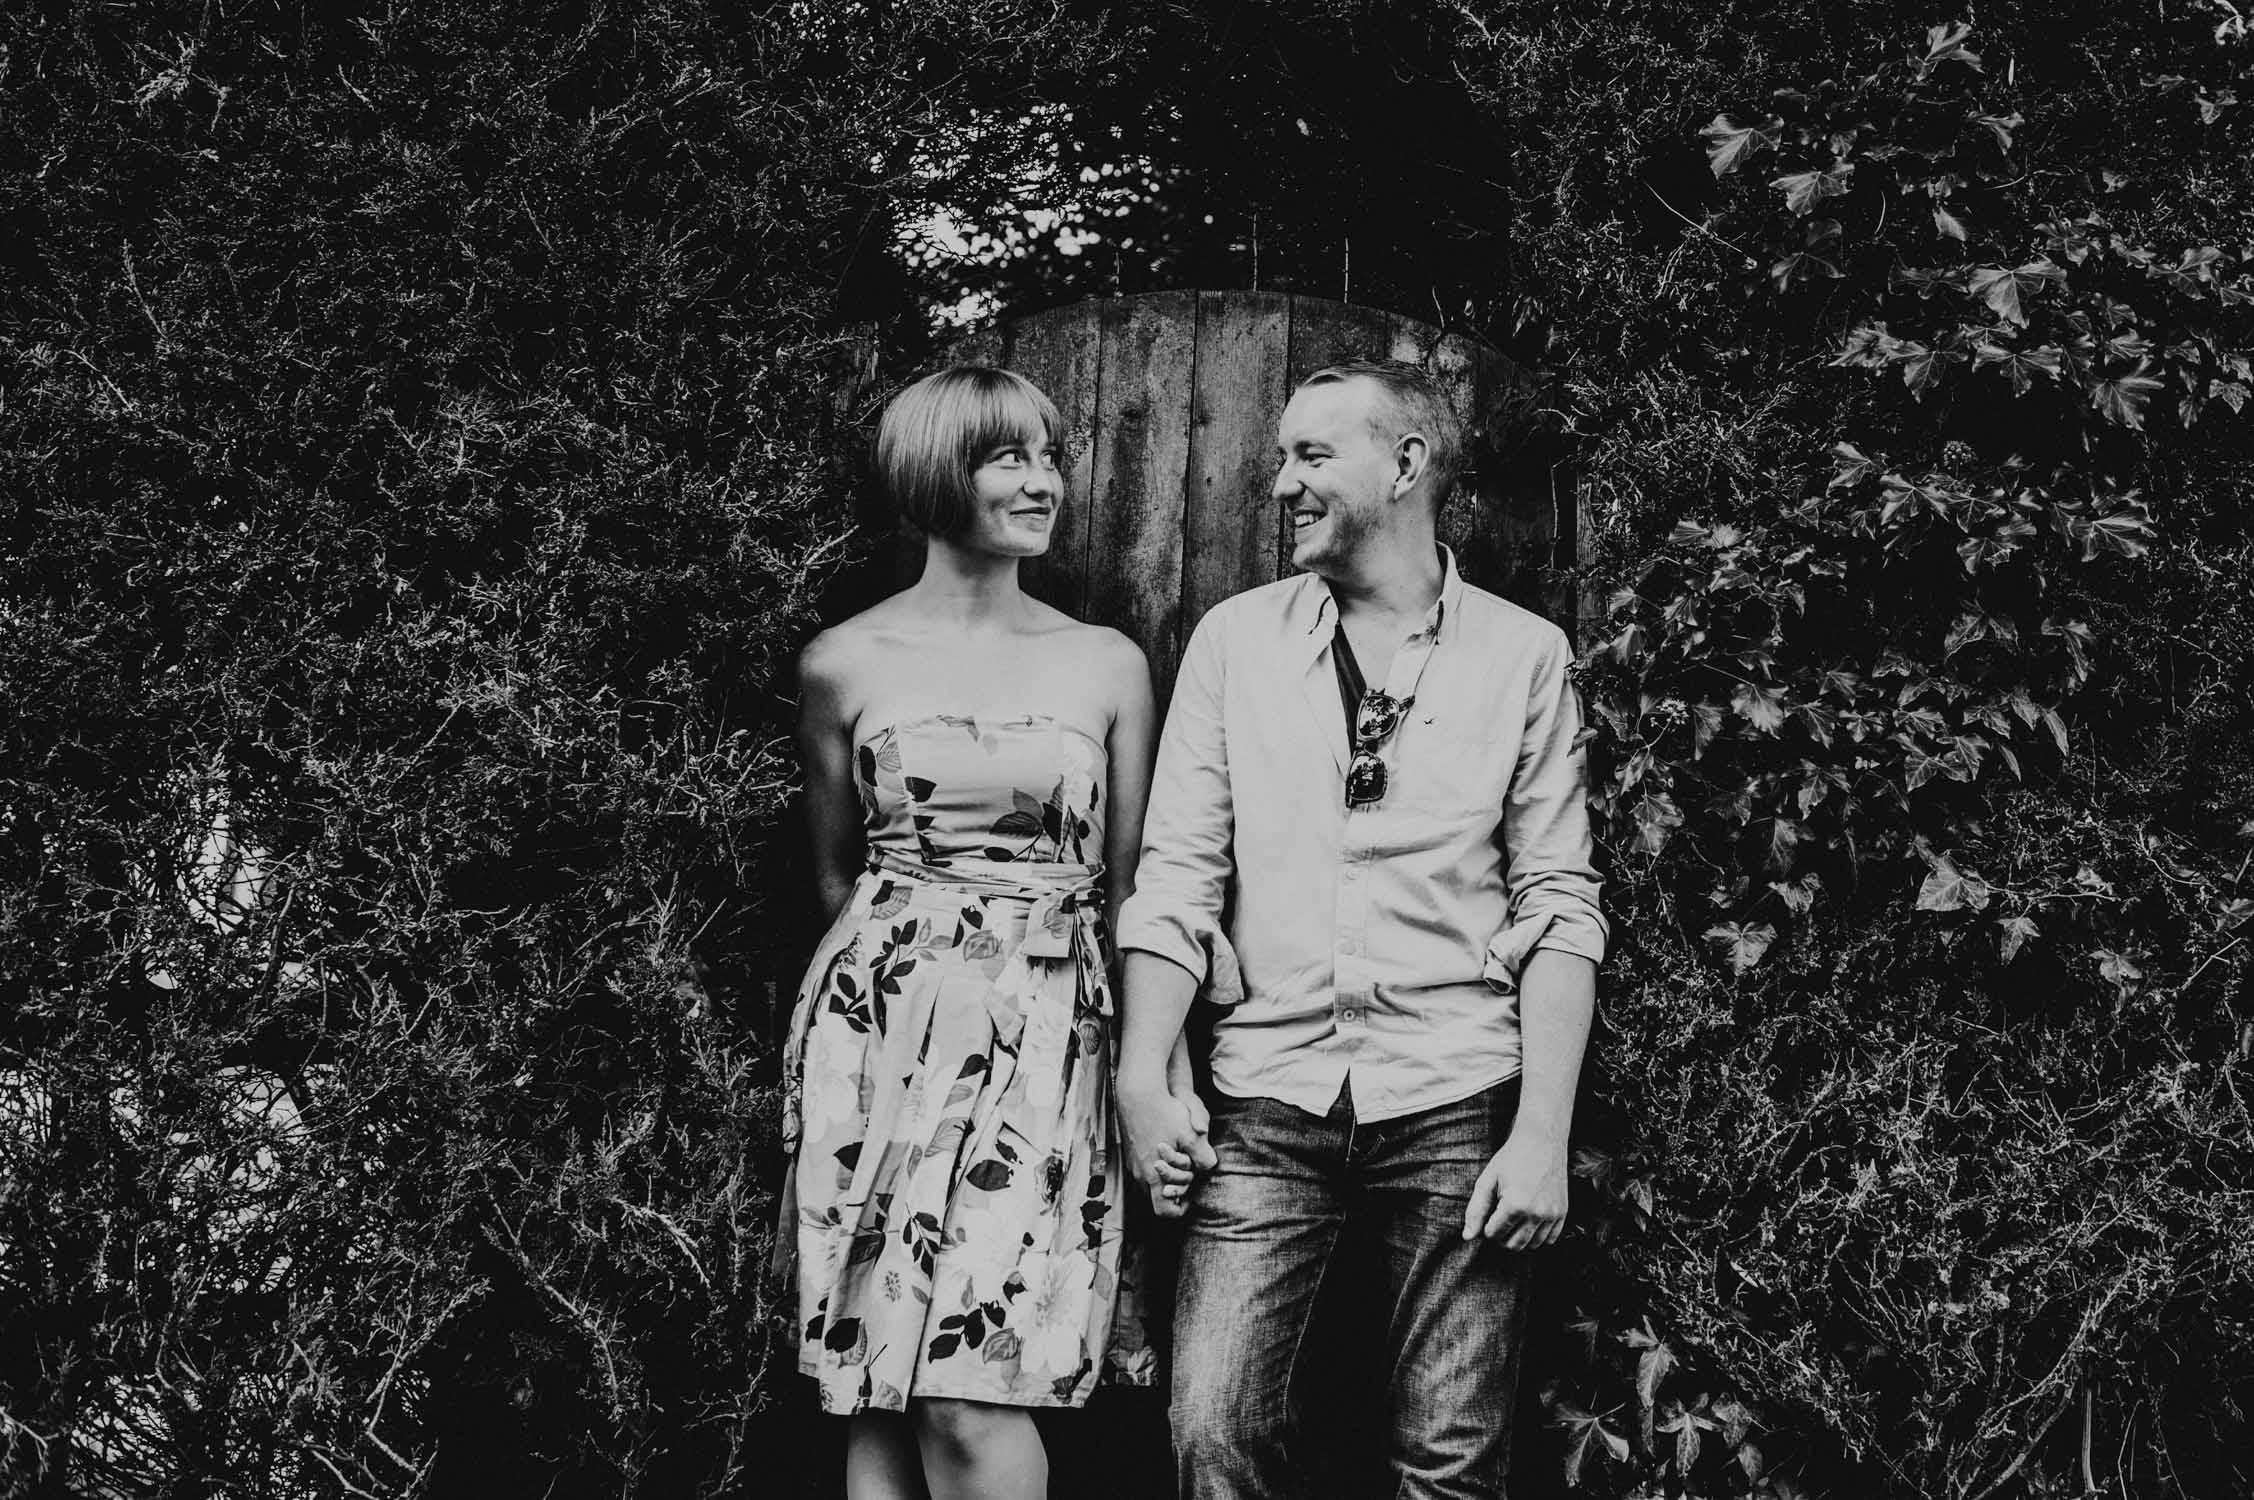 Devon wedding photographer, pre-wedding shoot at the great western canal in Tiverton, wedding photographer devon